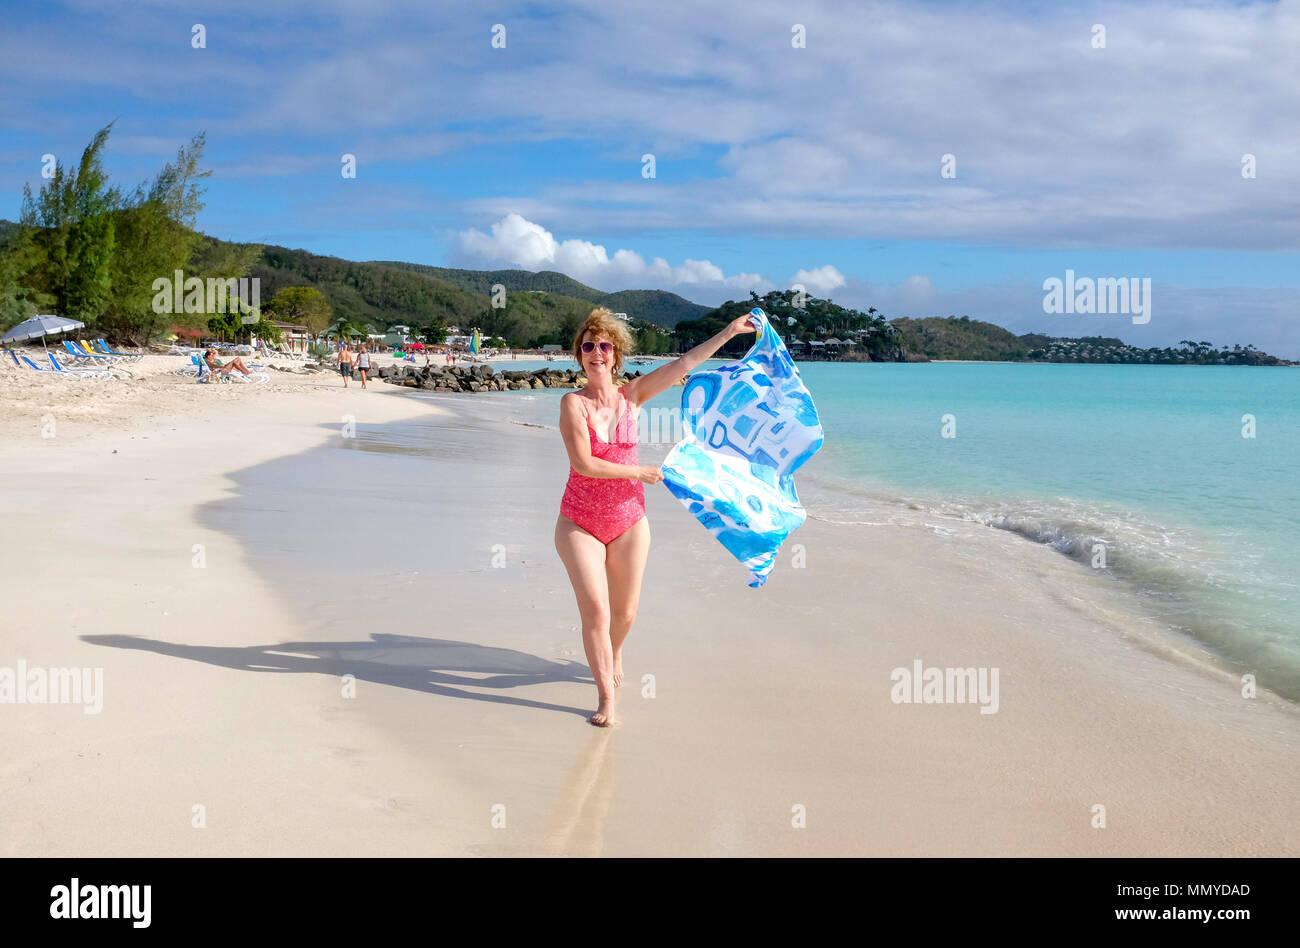 Antigua Piccole Antille isole dei Caraibi West Indies - Bellissima Jolly Harbour spiaggia sabbiosa con la donna in esecuzione con una spiaggia pulita progetta sarong Immagini Stock